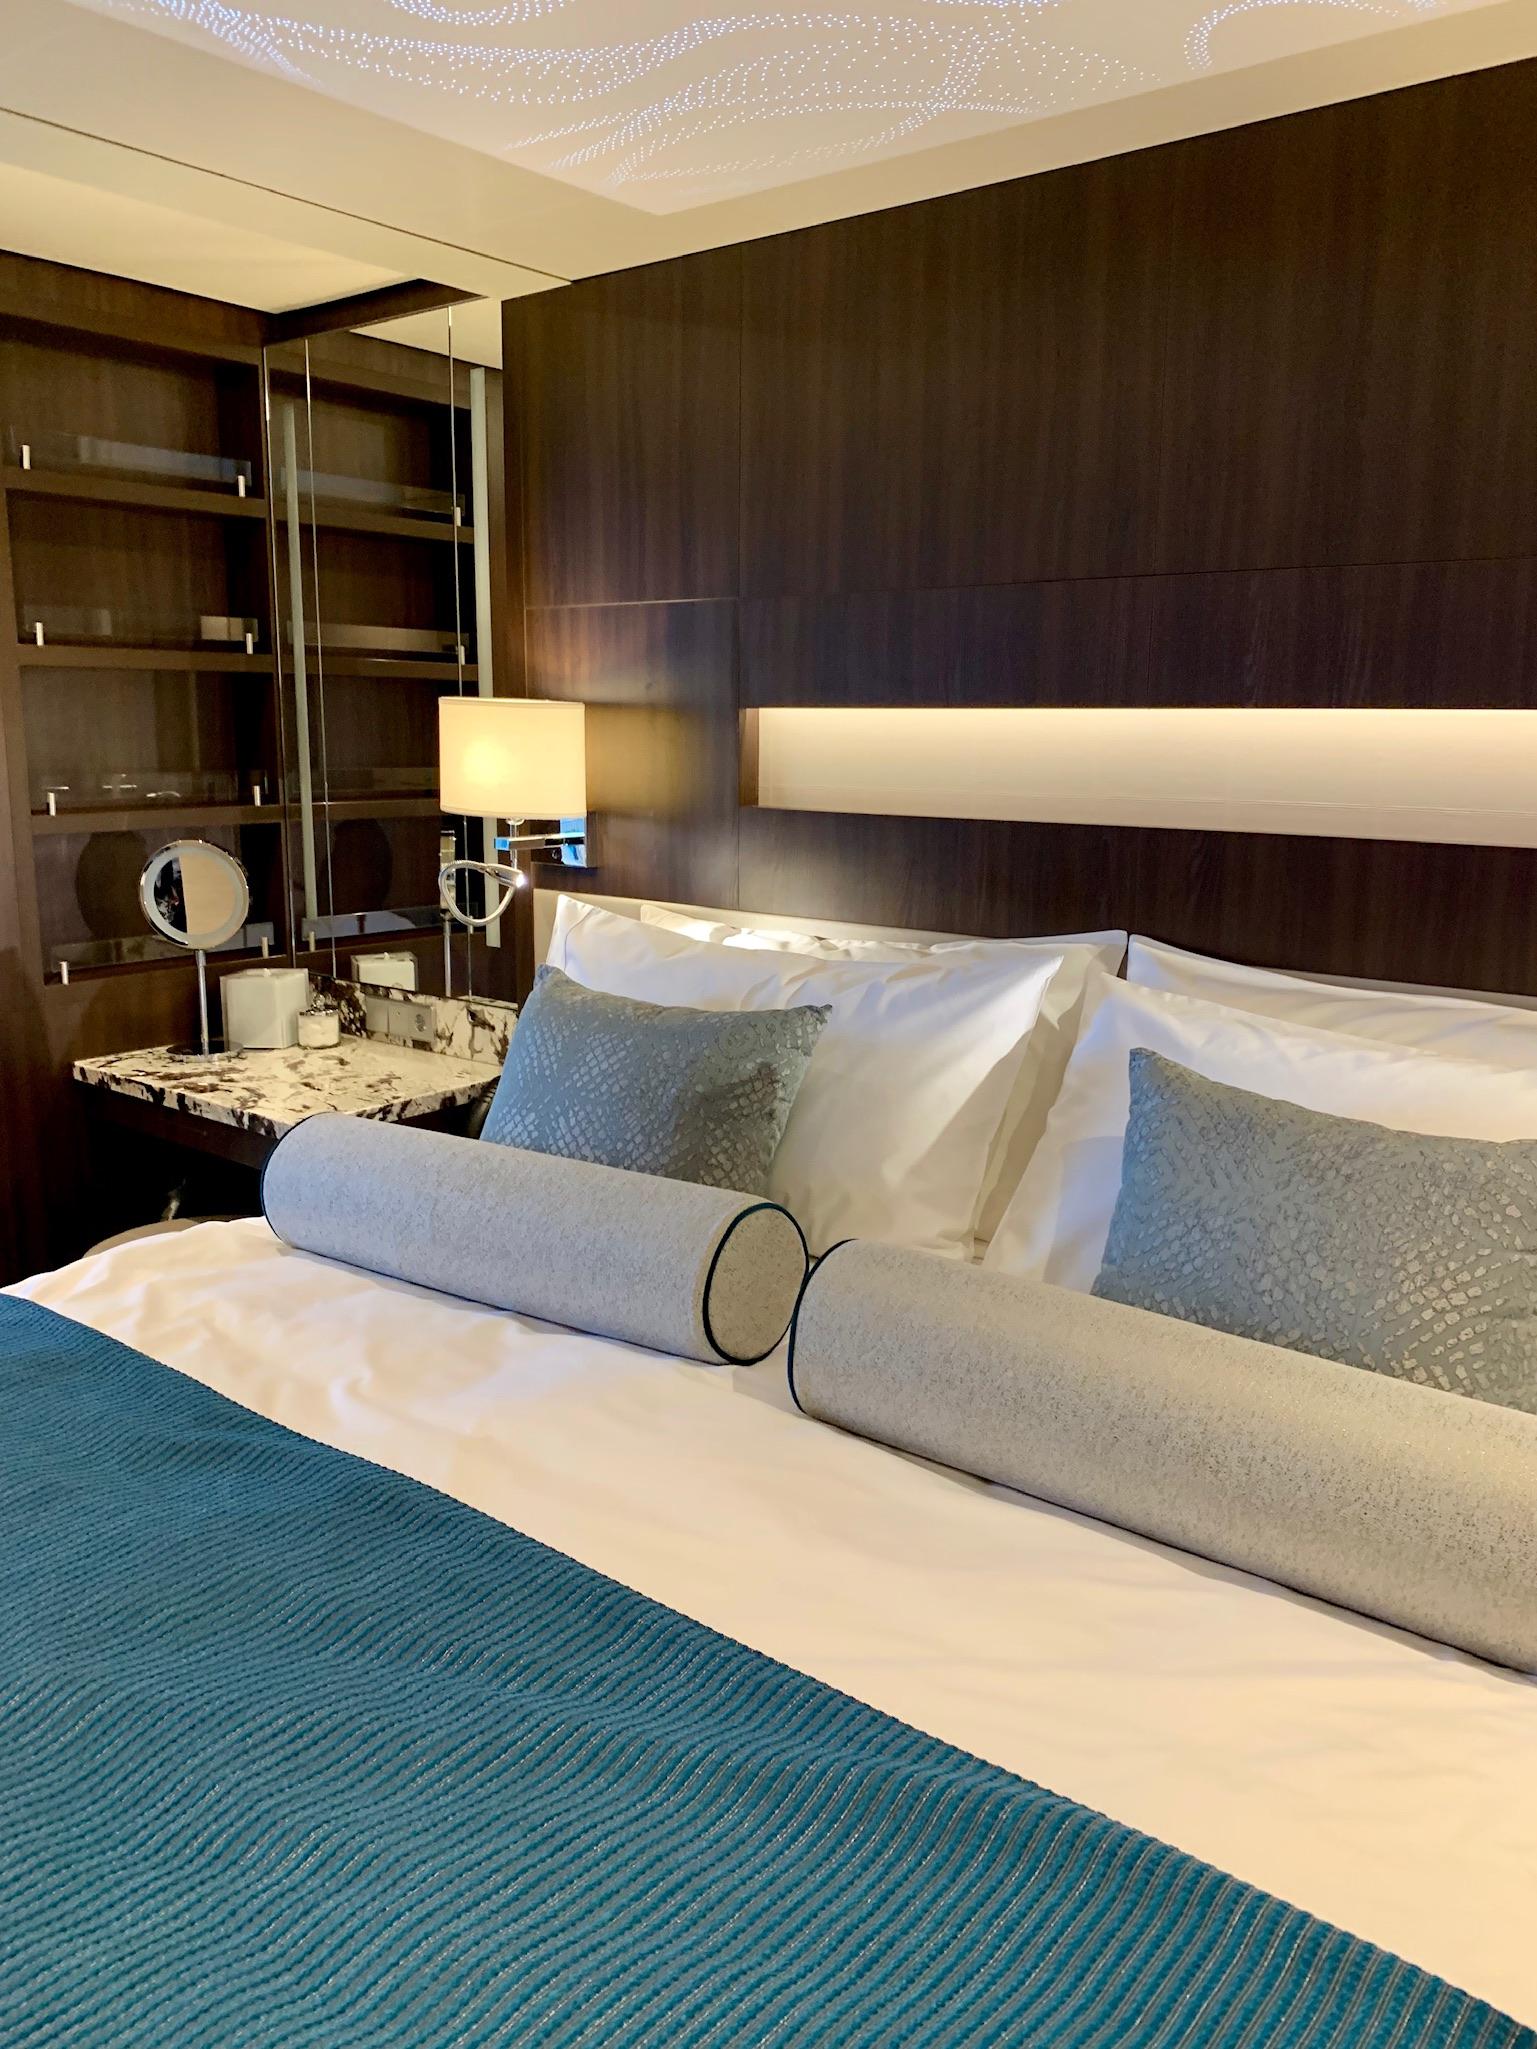 NCL Joy - Rooms - Haven 2 BR Family Villa Master BR.jpg